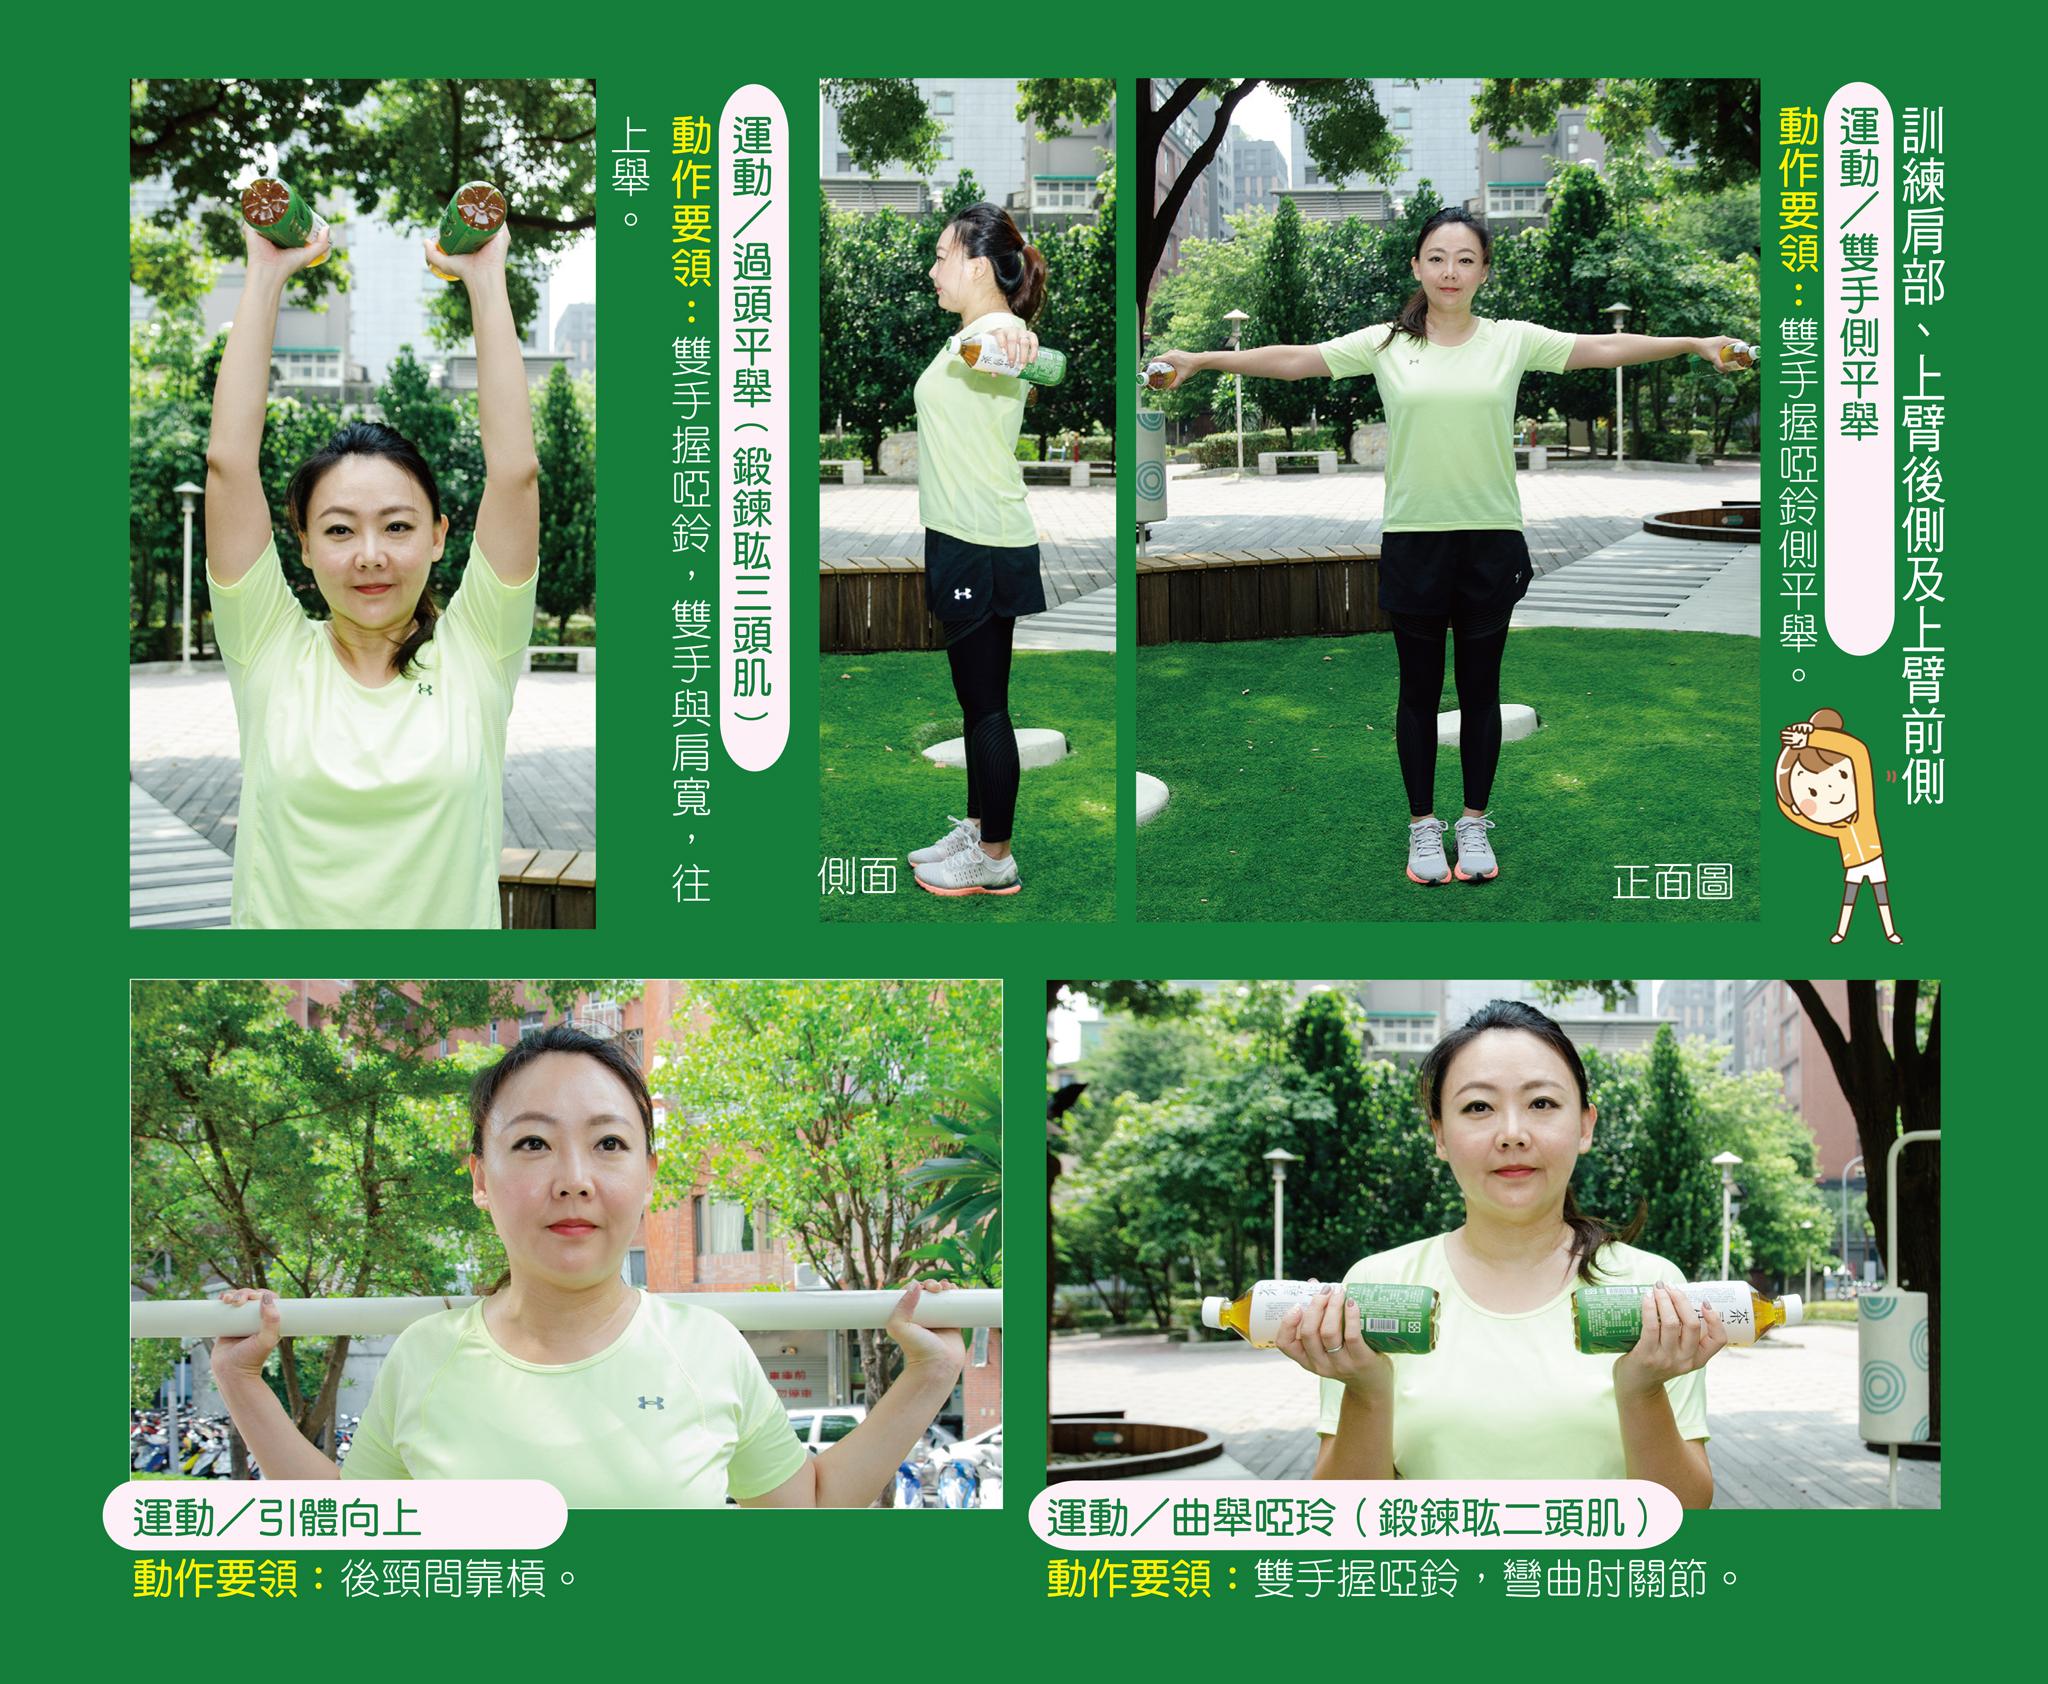 訓練肩部、上臂後側及上臂前側。